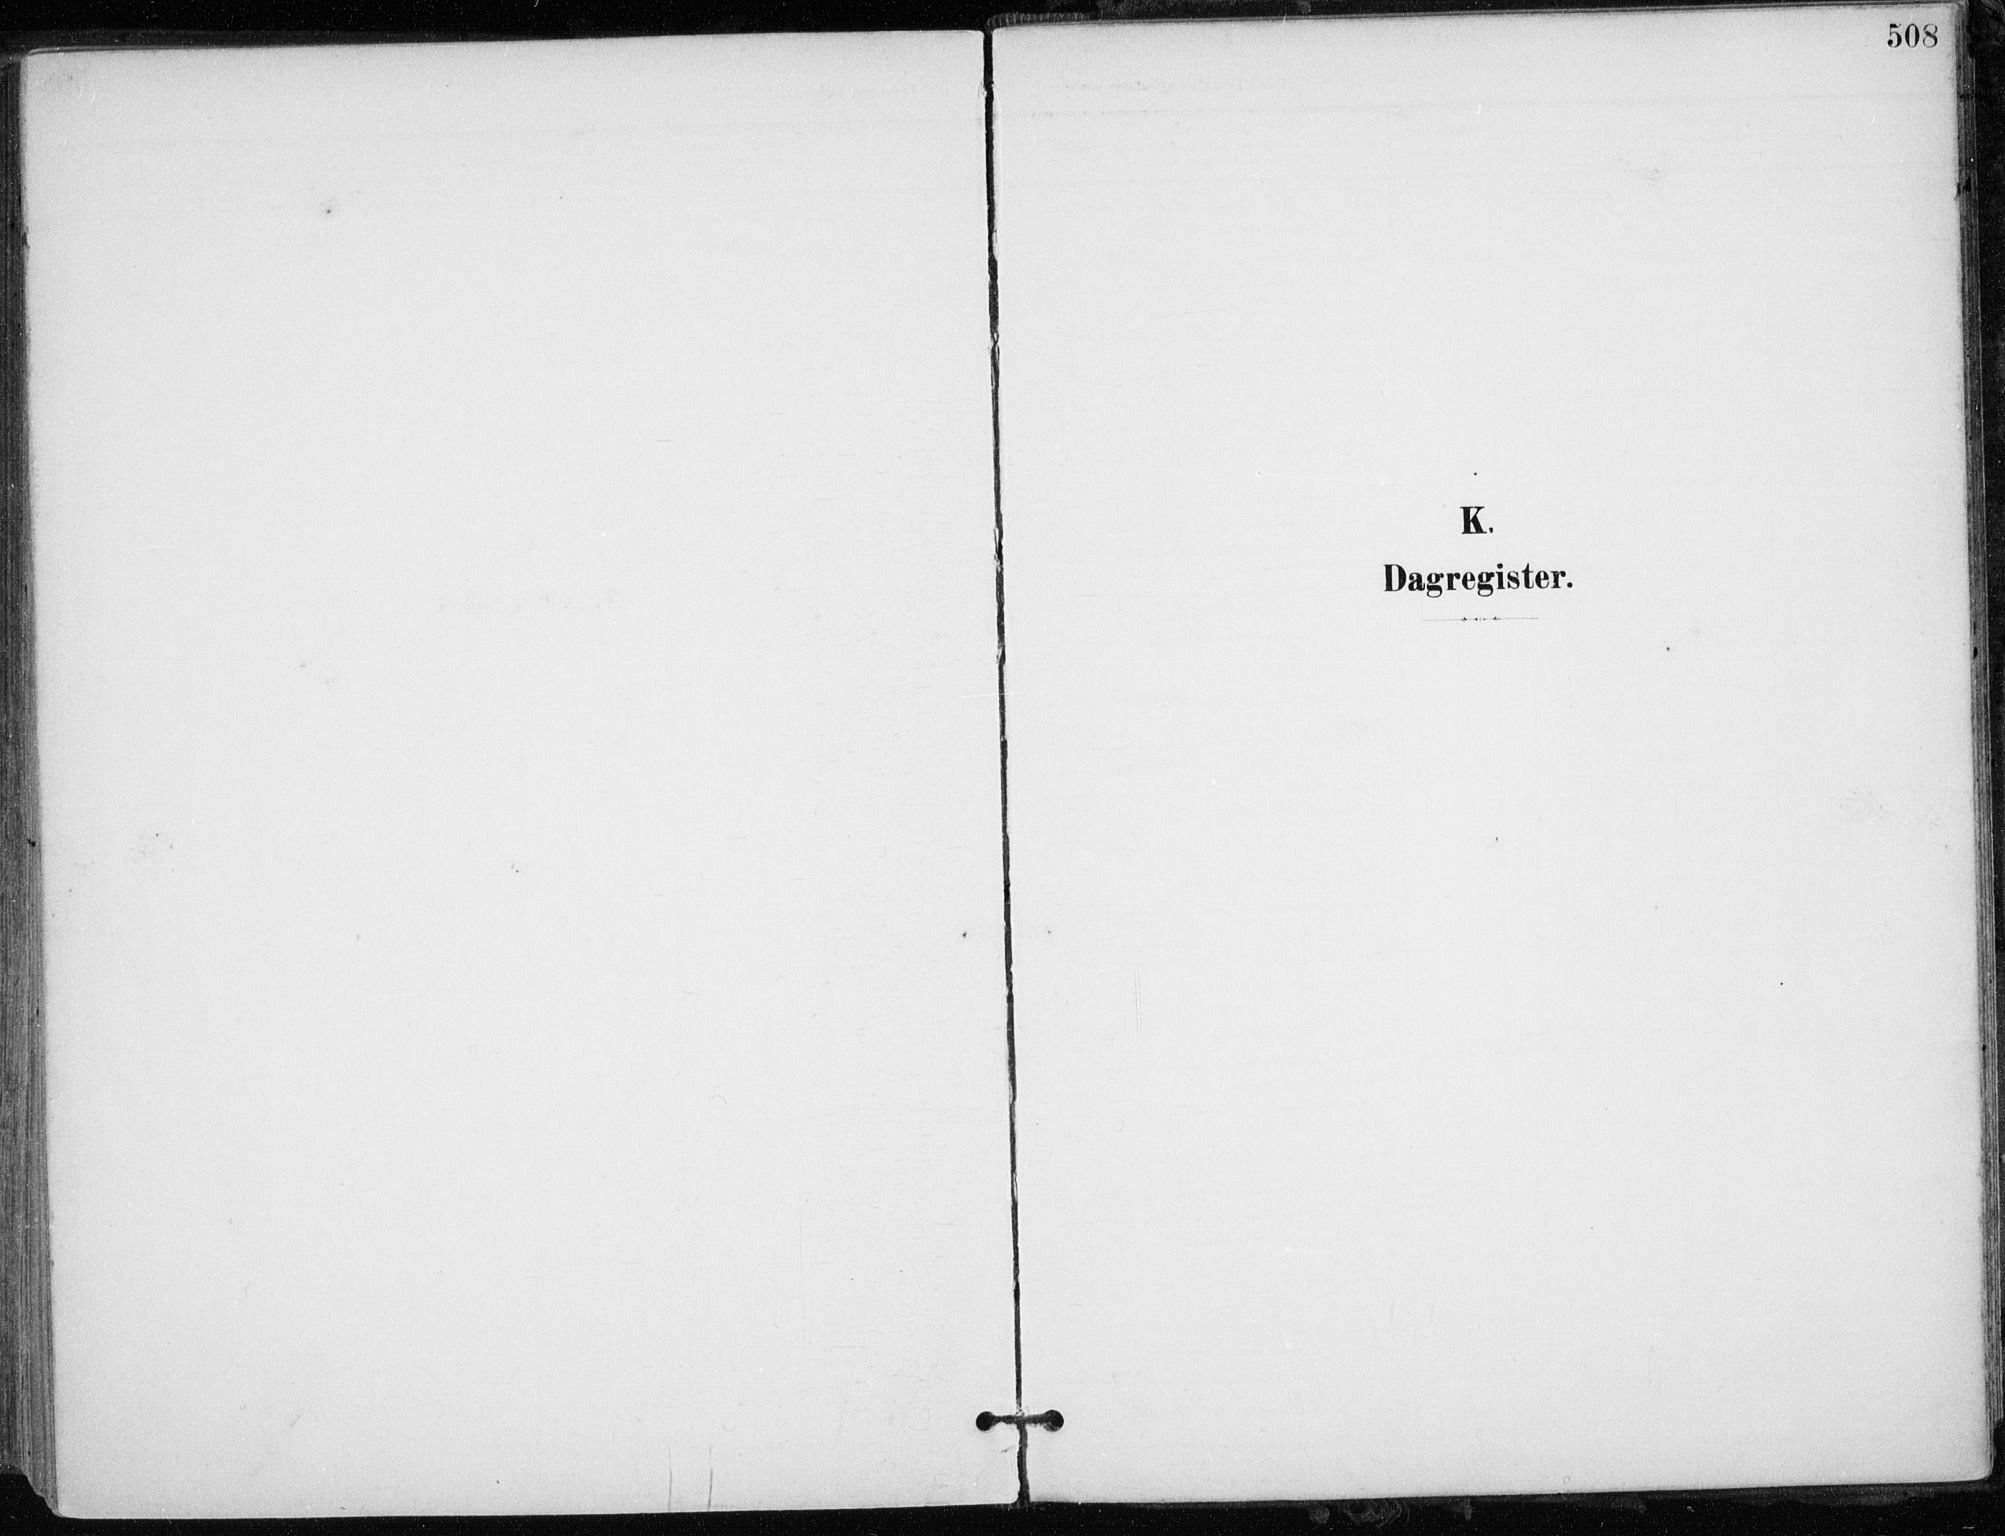 SATØ, Trondenes sokneprestkontor, H/Ha/L0017kirke: Ministerialbok nr. 17, 1899-1908, s. 508